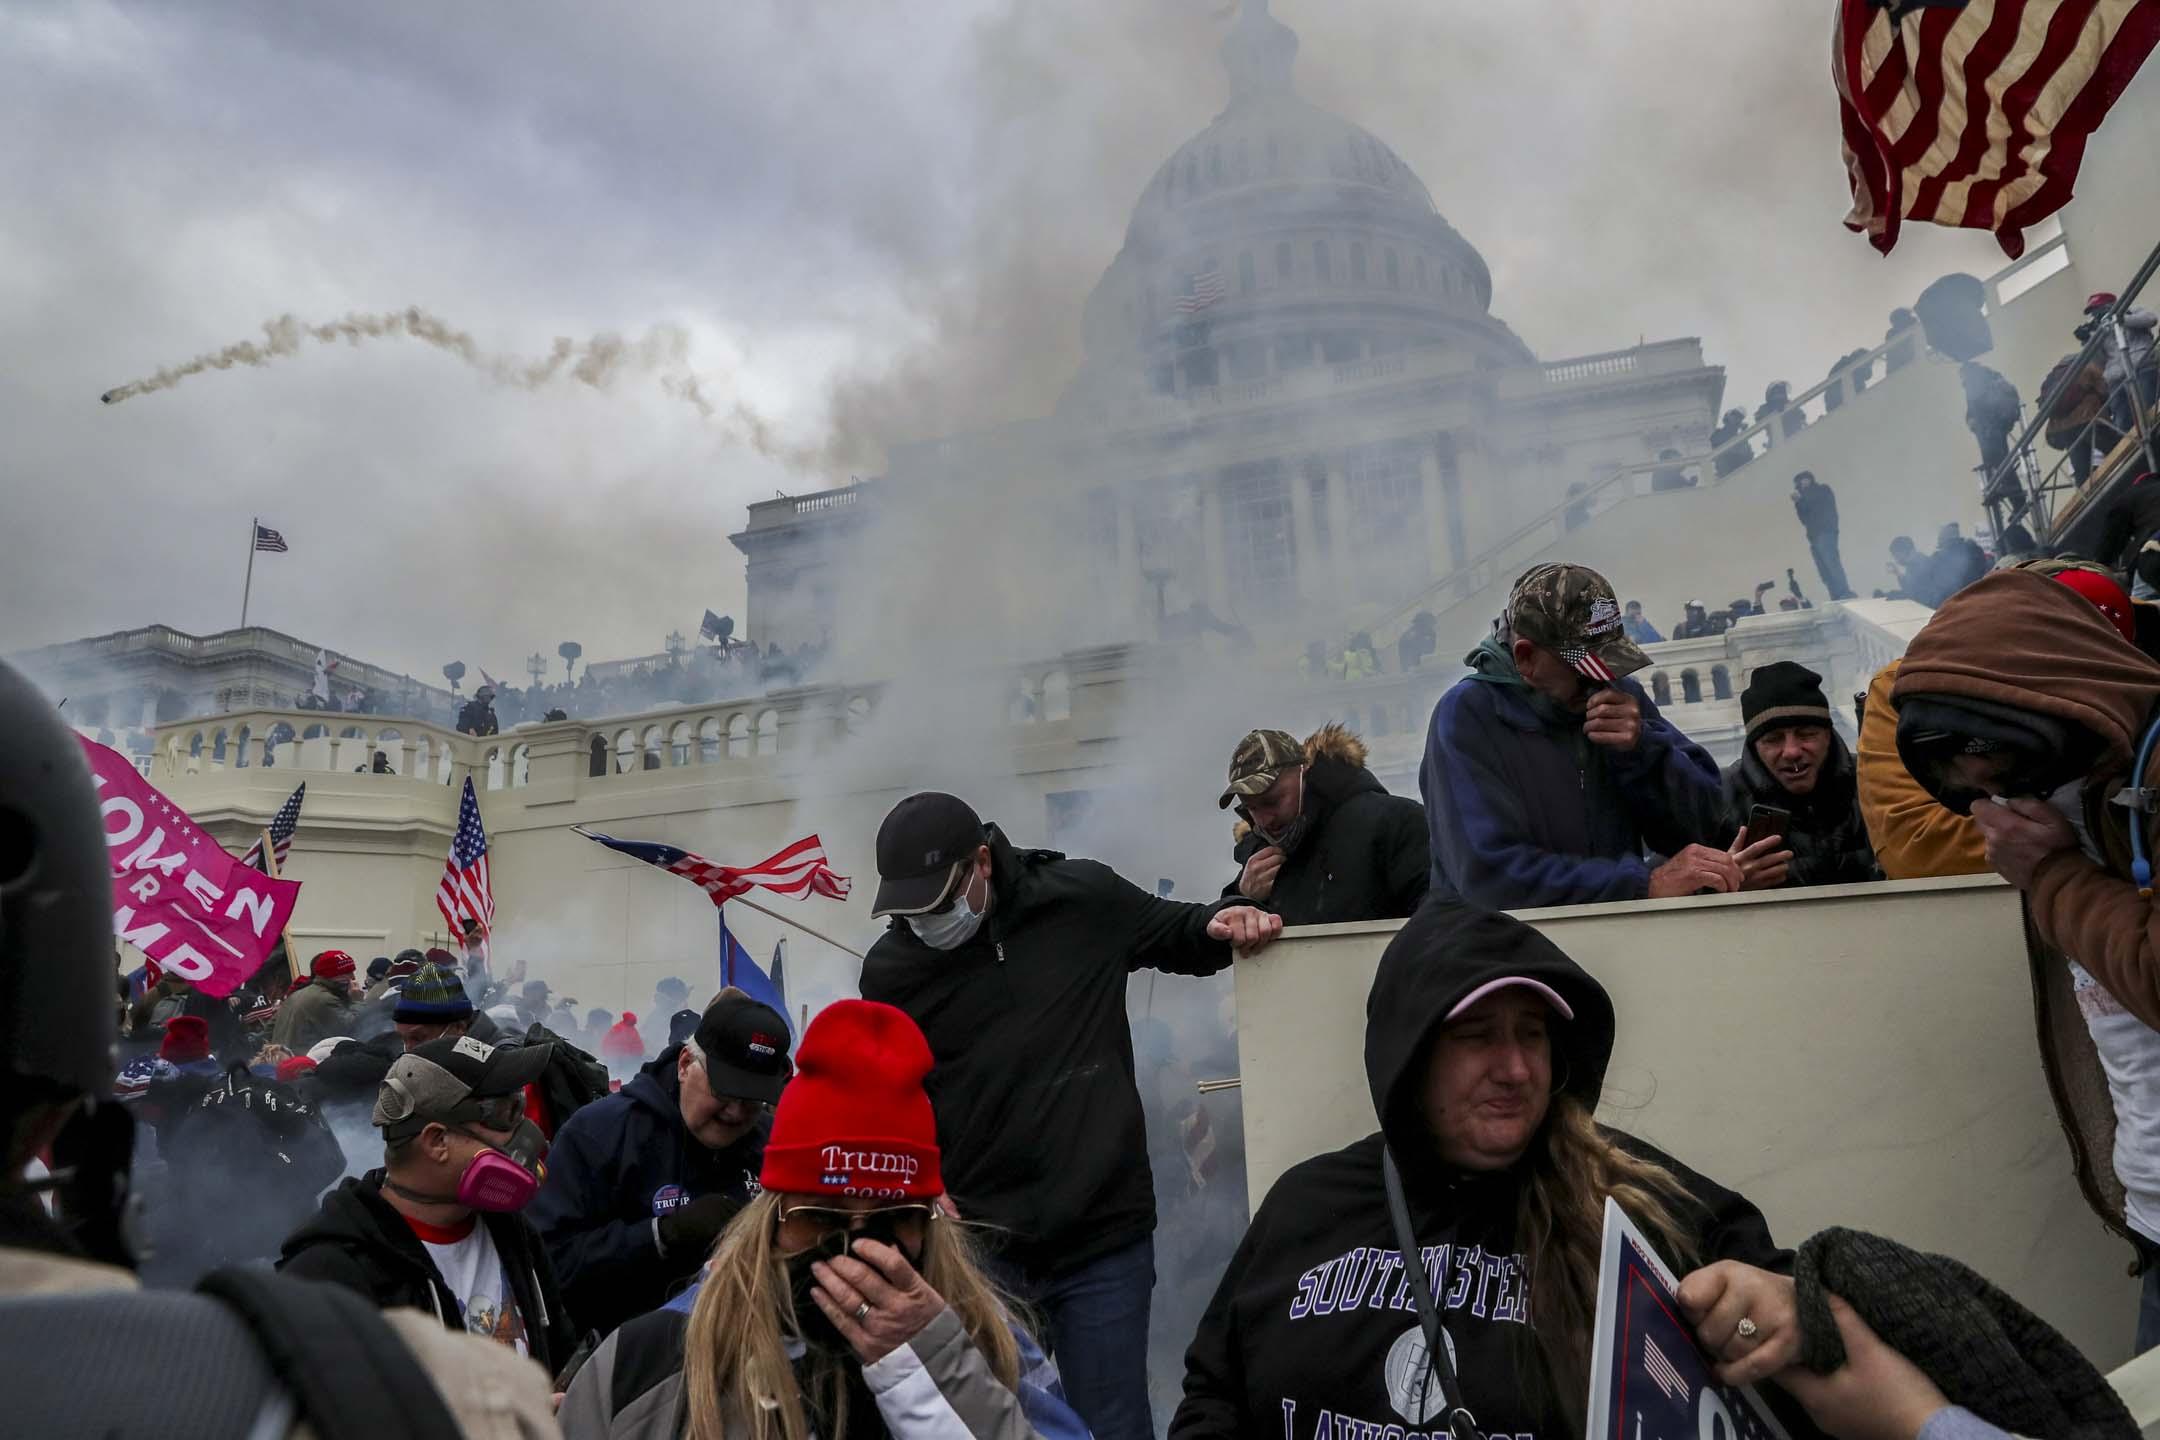 2021年1月6日,華盛頓美國國會大樓前,特朗普支持者與警察發生衝突,後方警方發射催淚彈驅散。 攝:Leah Millis /Reuters/達志影像